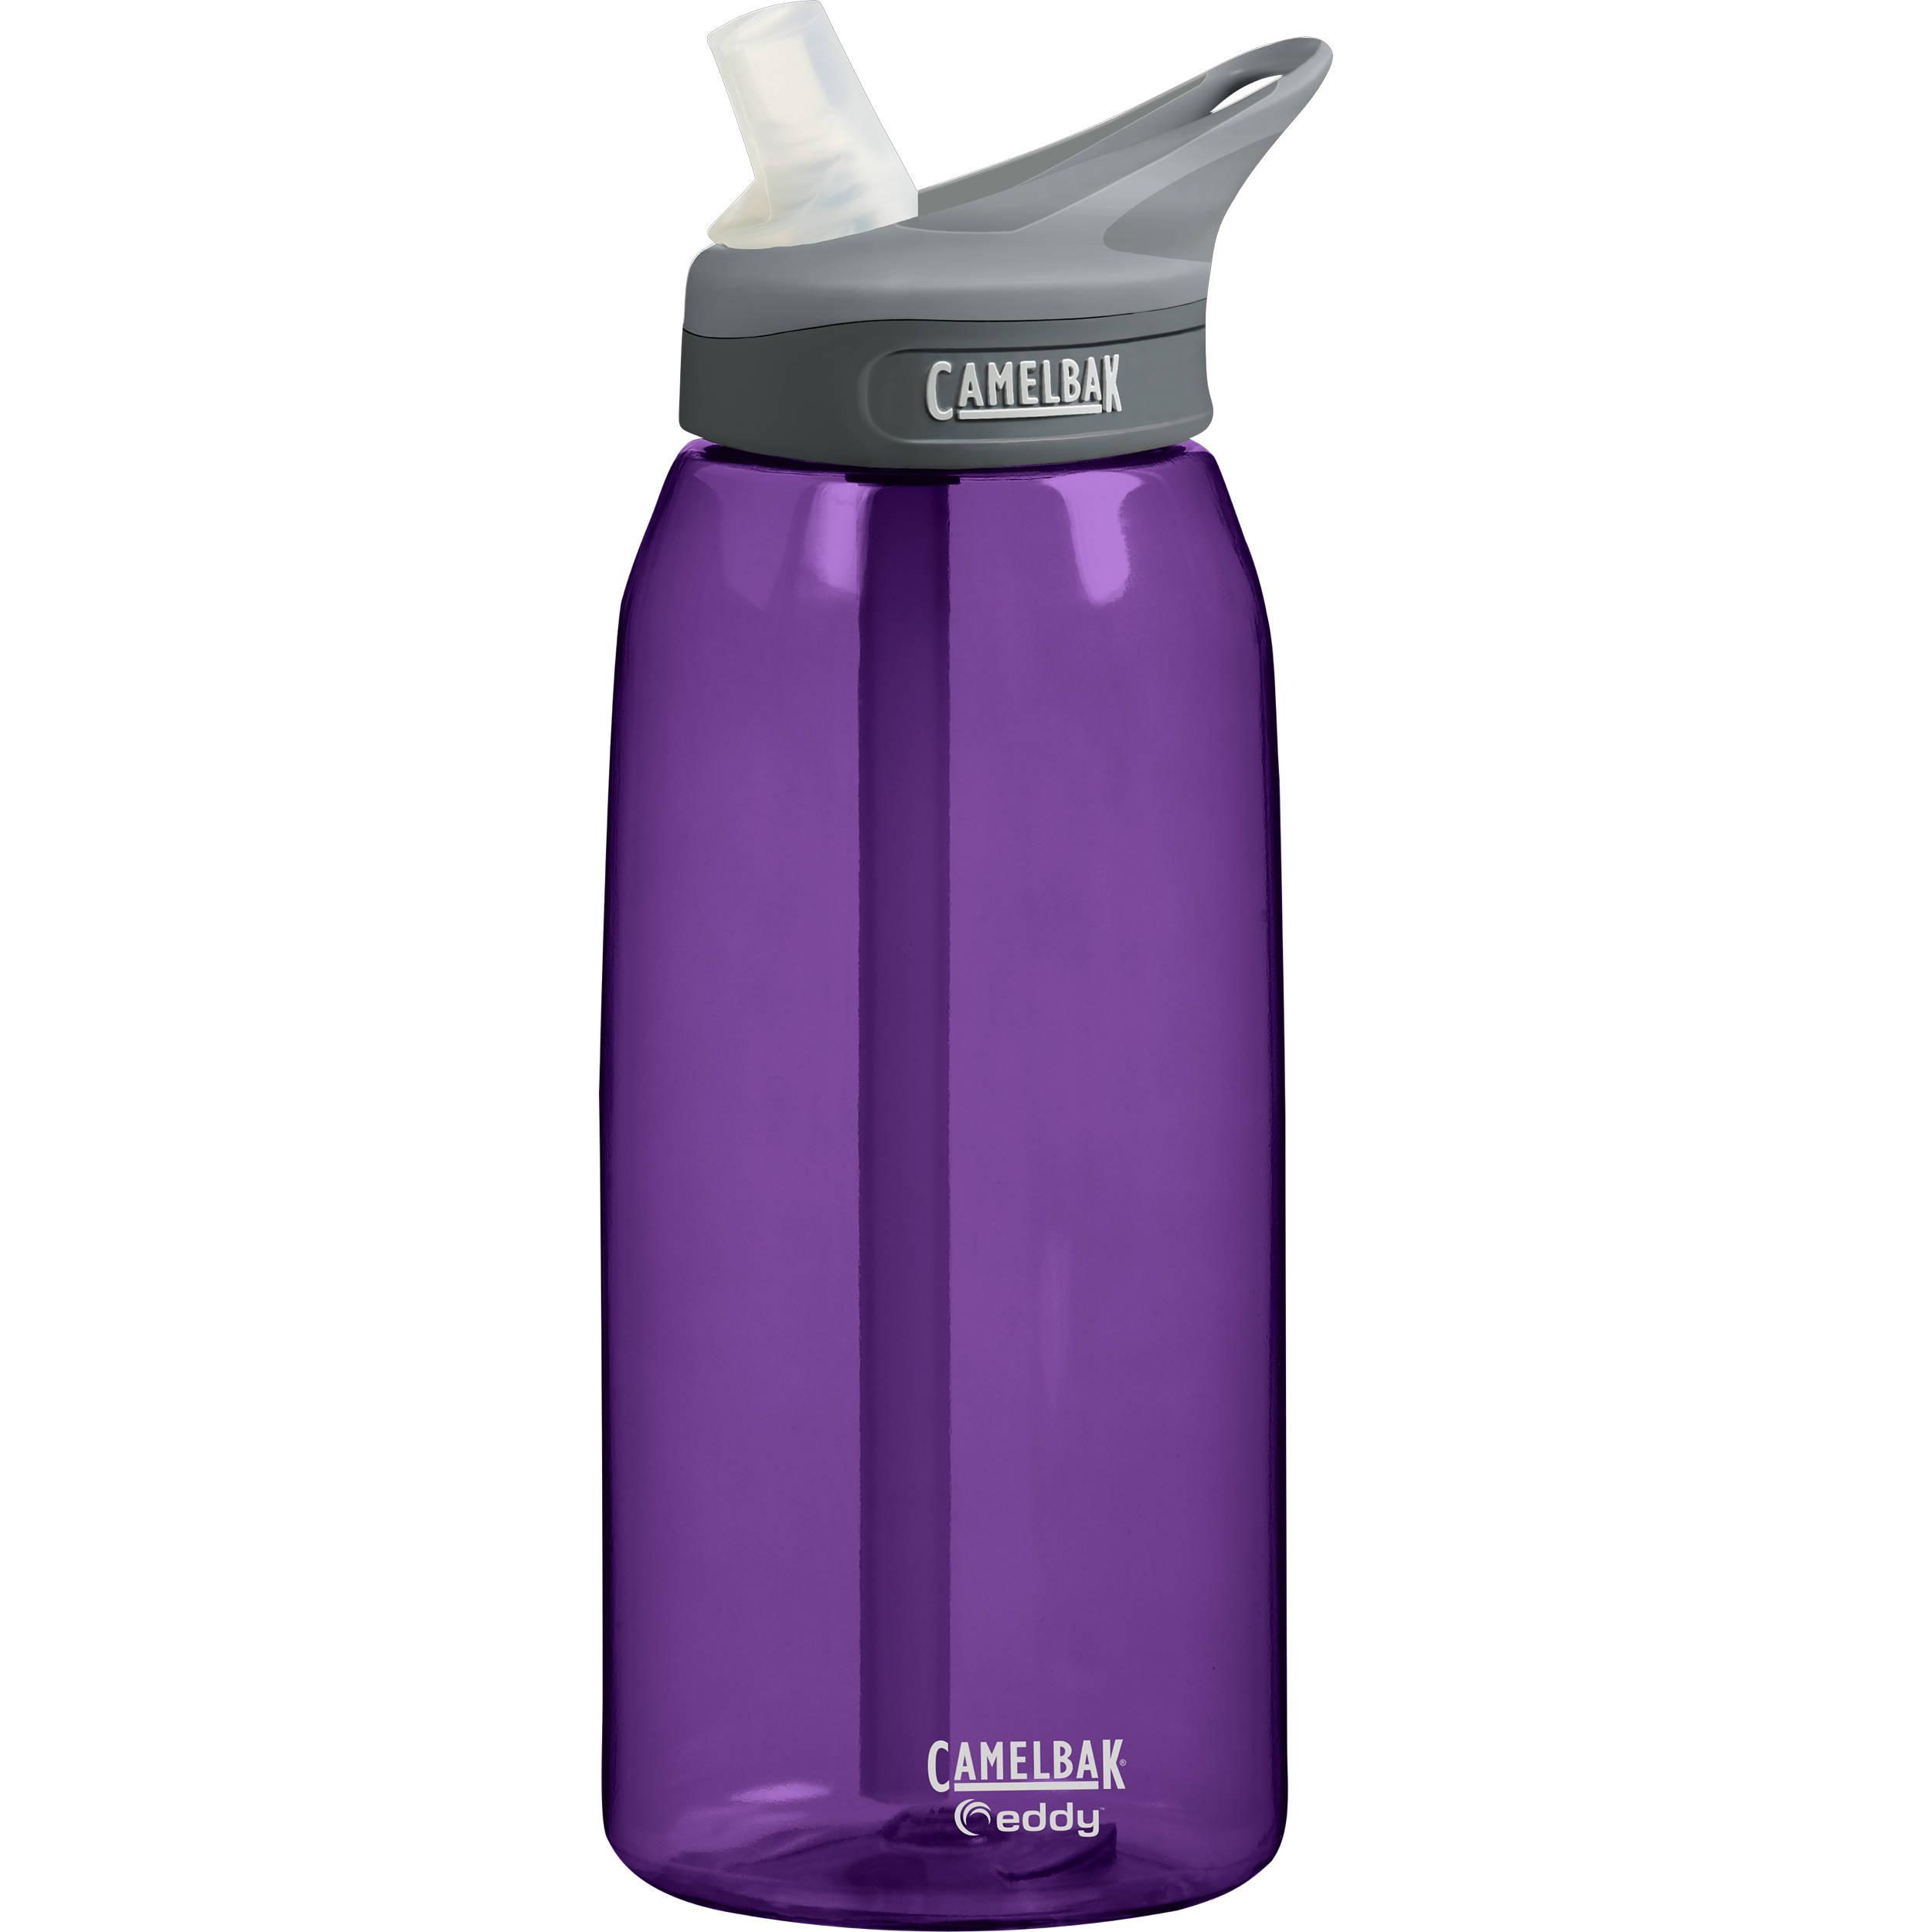 01a00c2846 CAMELBAK eddy Water Bottle (32 fl oz, Royal Lilac) 53535 B&H